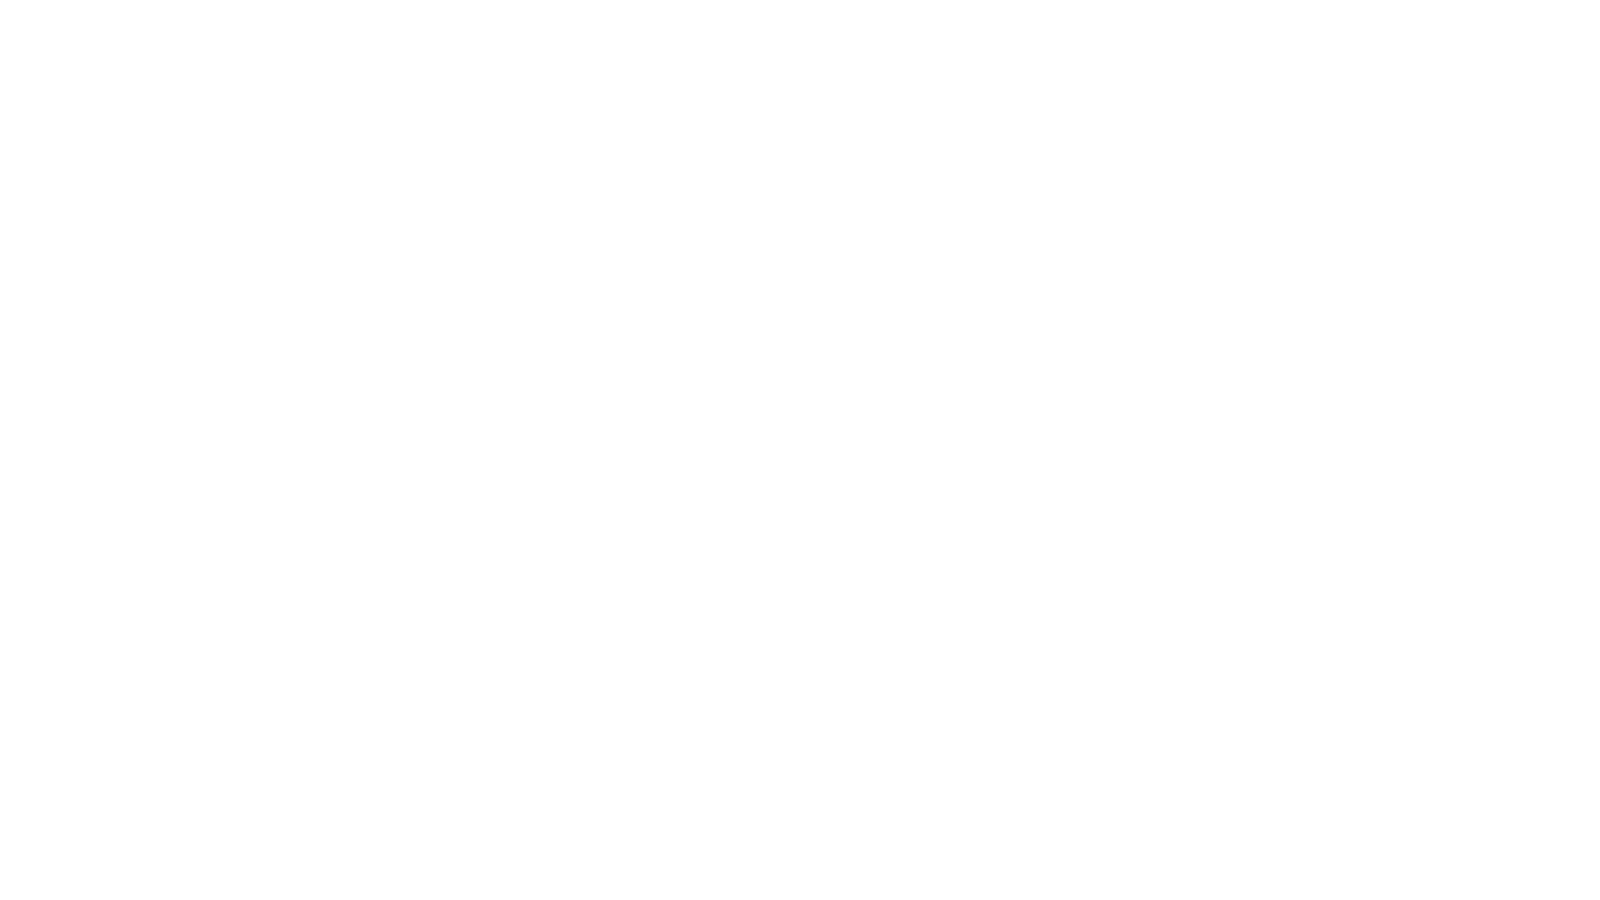 今回の内容のプロジェクターさん必須の『招待ワークショップ』はコメント欄に  Yuuki&Kazukoのヒューマンデザイン7日間無料メール講座「ヒューマンデザインの教科書」プレゼント(メルマガ登録)→ https://my150p.com/p/r/WJ59KjBb  「自分を知るだけにとどまらない、お互いを尊重しあい活かしあうスキルを磨きながら、自分の人生を自由に創造する力となるコミュニケーション力を引き出す」楽しさを語る、ヒューマンデザインのプロフェッショナルアナリスト2人によるトークライブチャンネル。ヒューマンデザインのさらなる可能性を私達と見つけていきませんか?  私達のFacebookはこちら → https://www.facebook.com/Yuuki.10.Kazuko 私達のサイトはこちらから→ https://koi.humandesignsecret.com/ 私たちの音声配信はこちら→ https://www.himalaya.com/en/show/2700185  増田有紀のブログはこちら→ https://ameblo.jp/fortuna-v/ 諸星和子のサイトはこちら→ https://humandesignsecret.com/  共有メールアドレスはこちら→ workshop@humandesignsecret.com